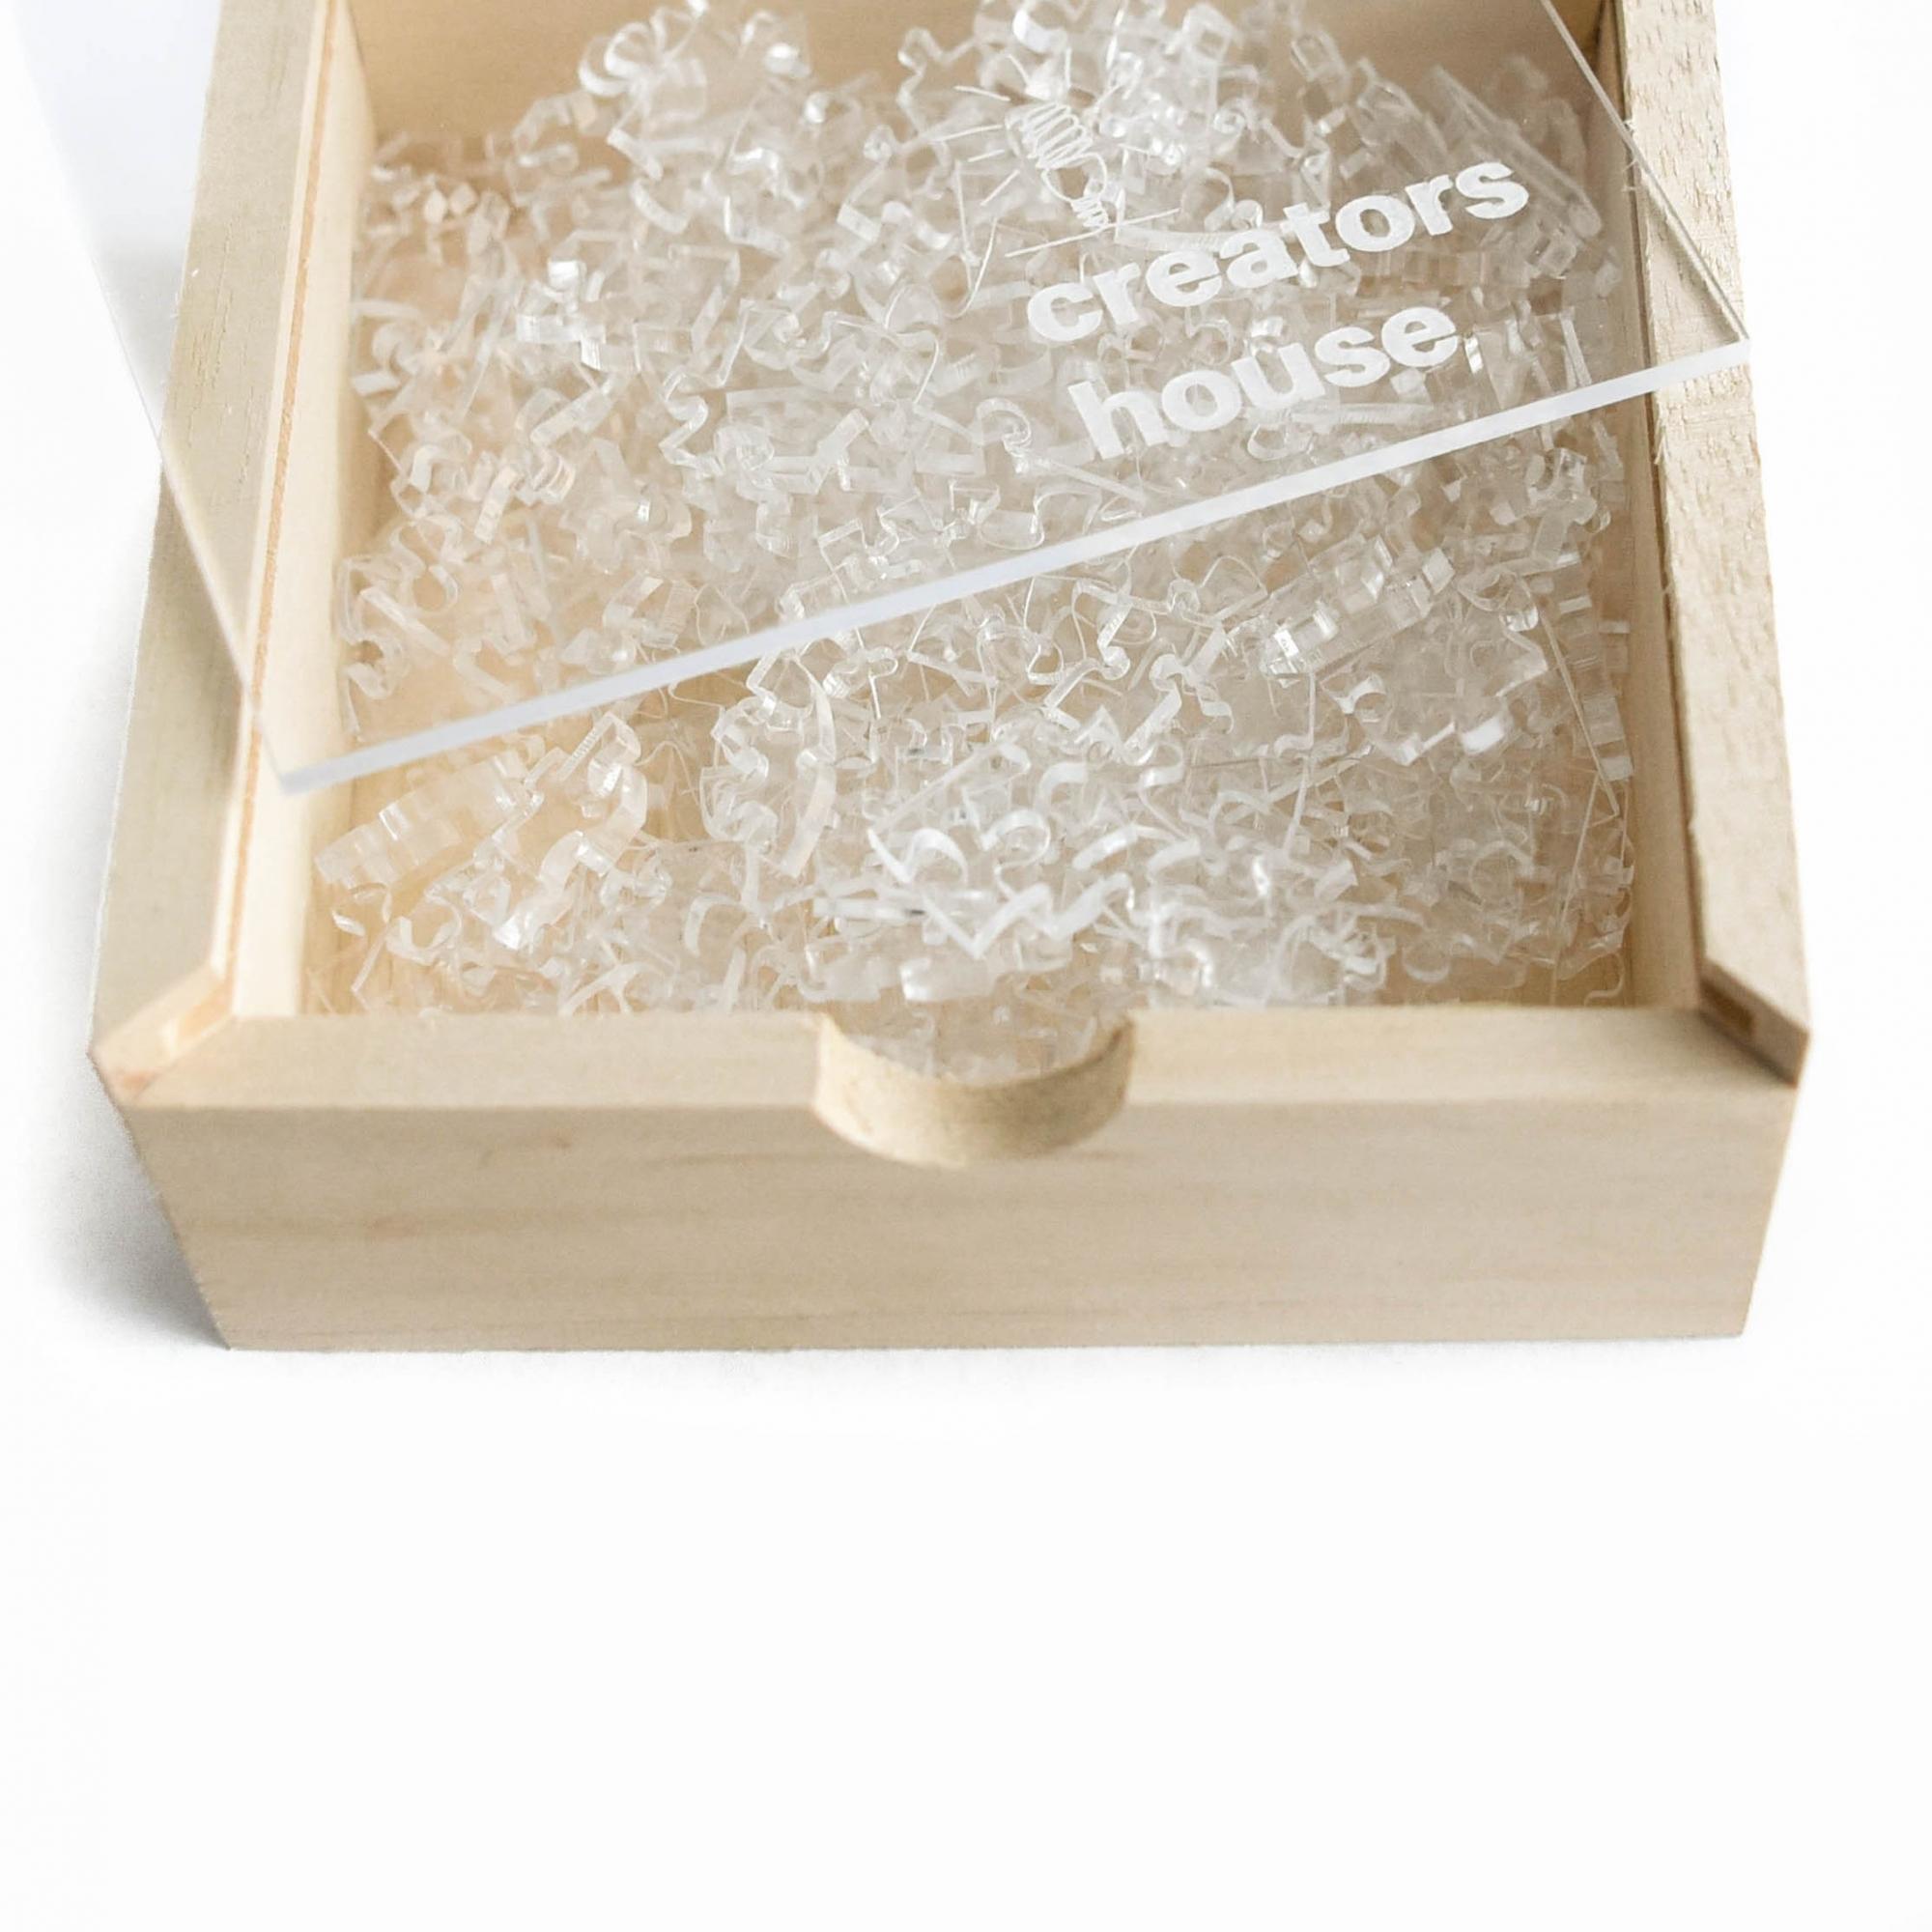 Quebra Cabeça Transparente Taiá (81 peças)  + Caixa